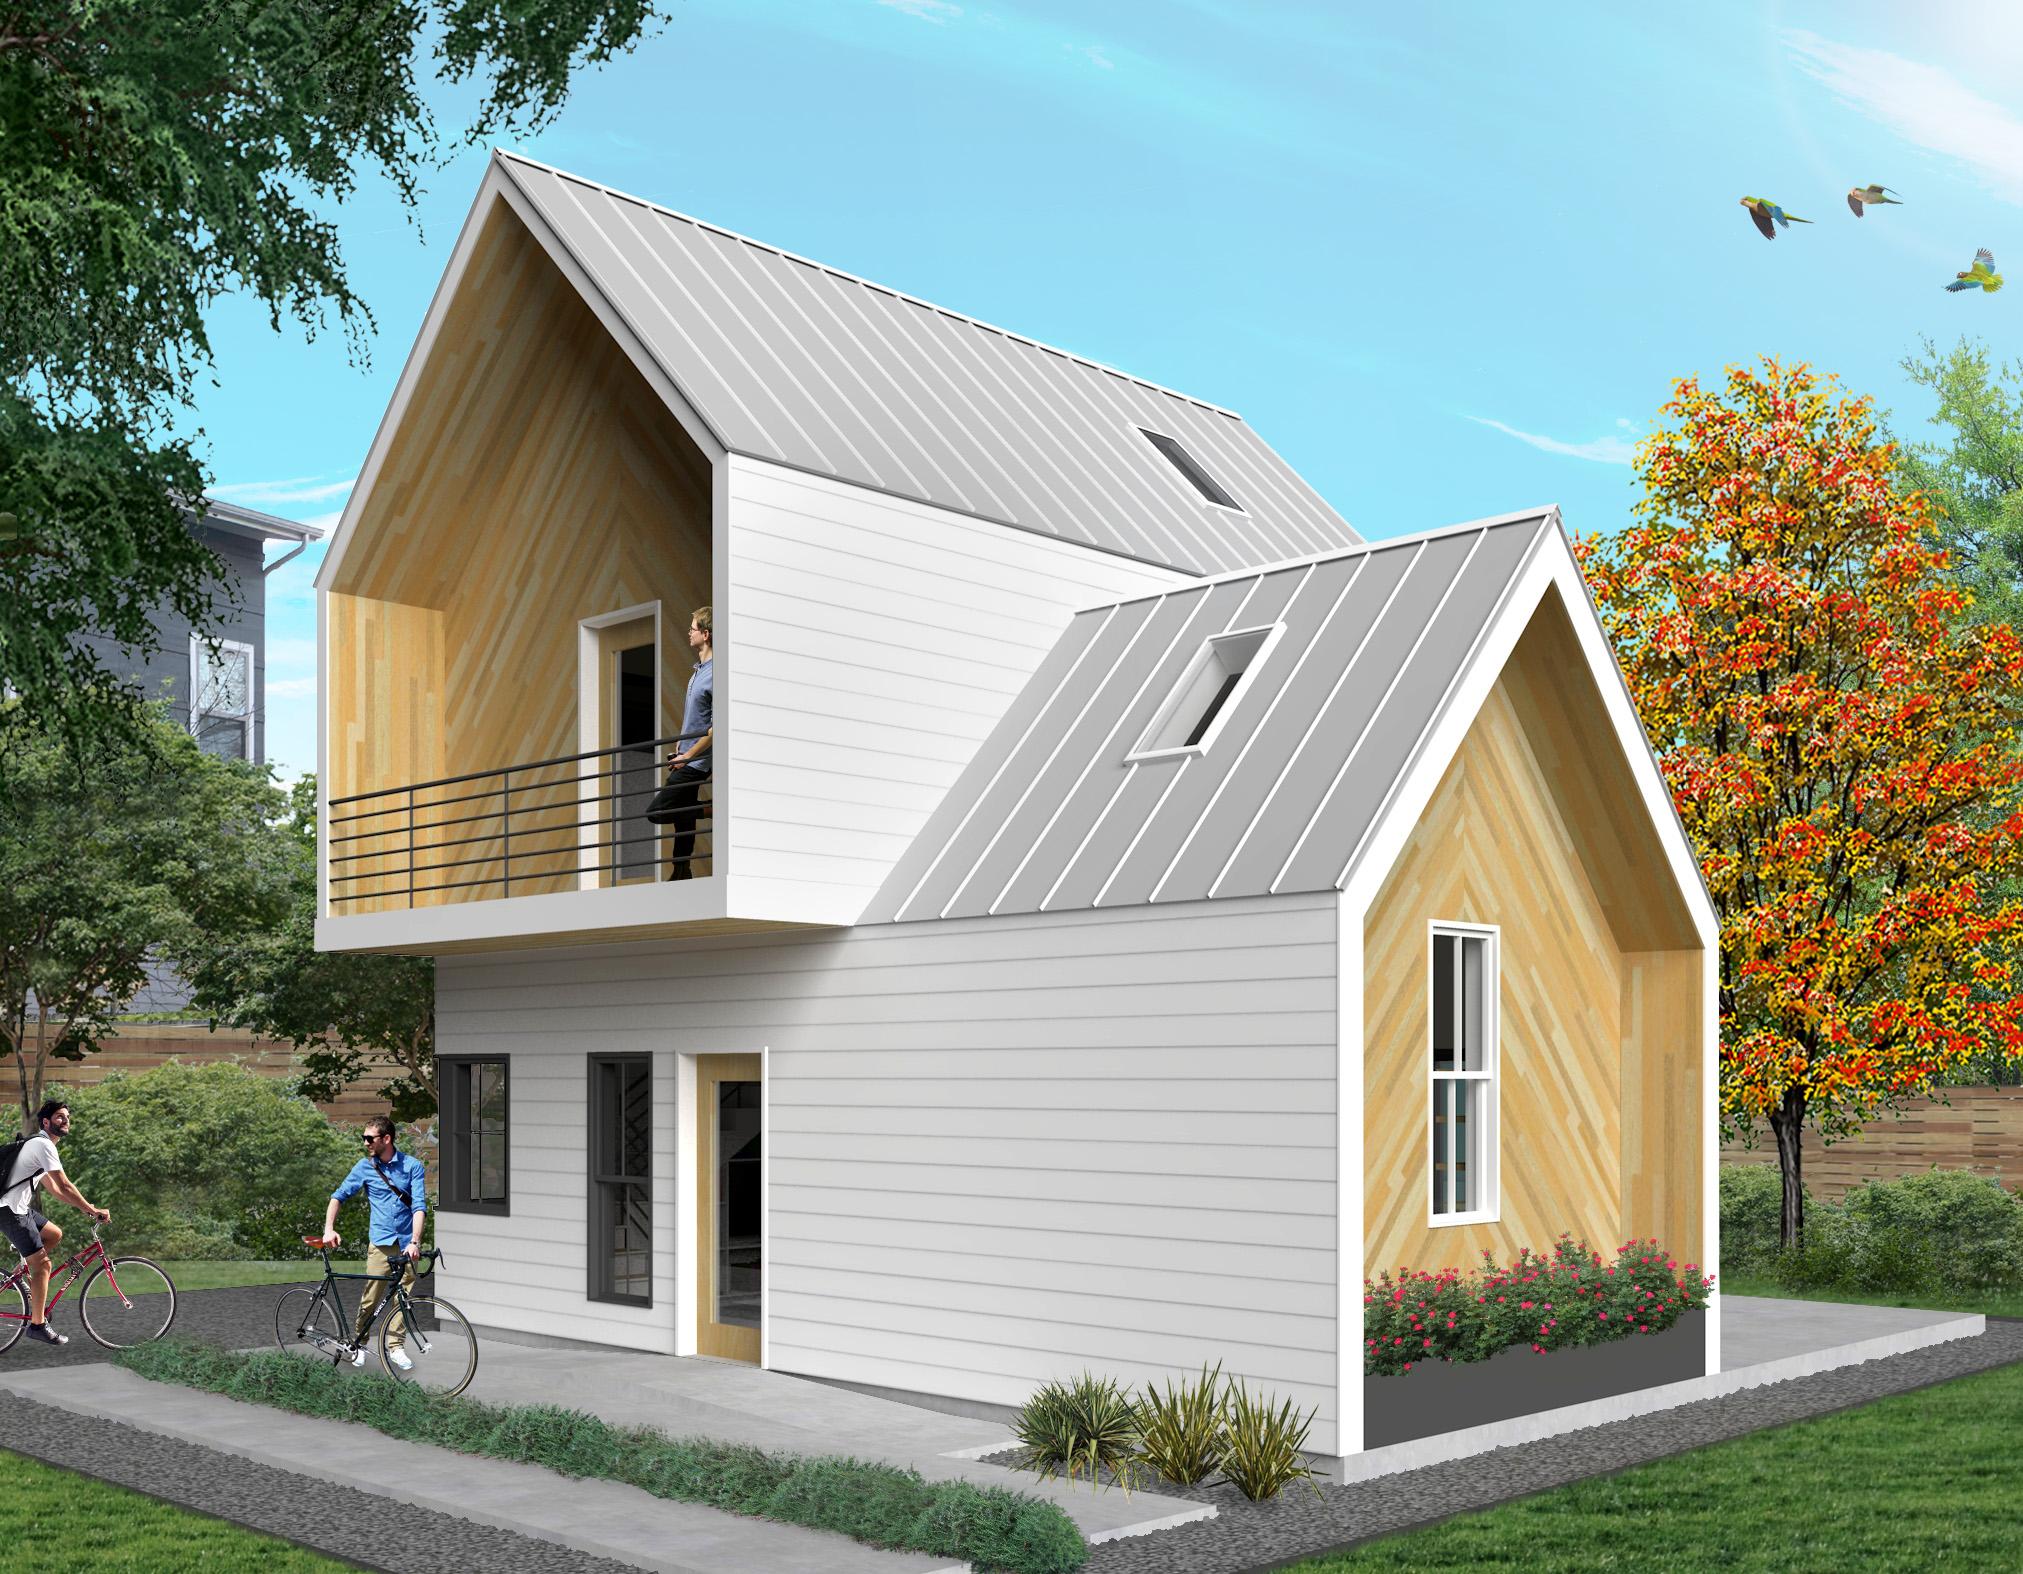 Holly St. ADU - rendering by Elliott Petterson